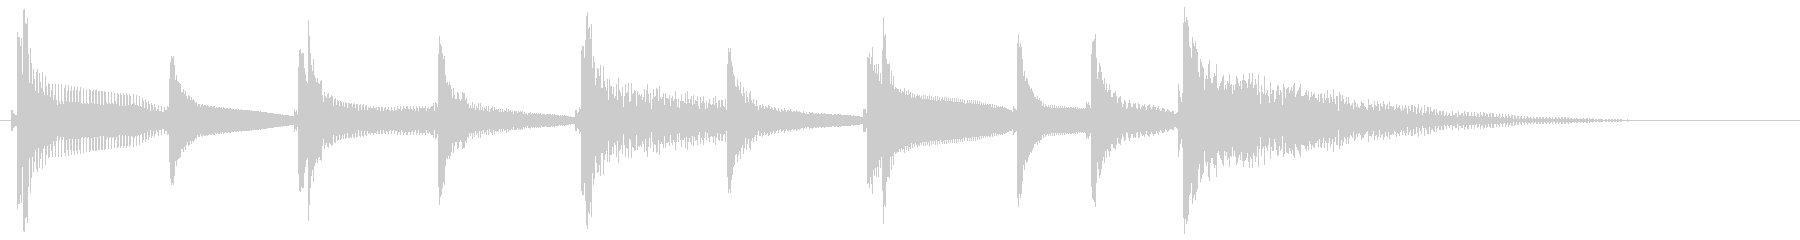 沖縄風通知音2の未再生の波形